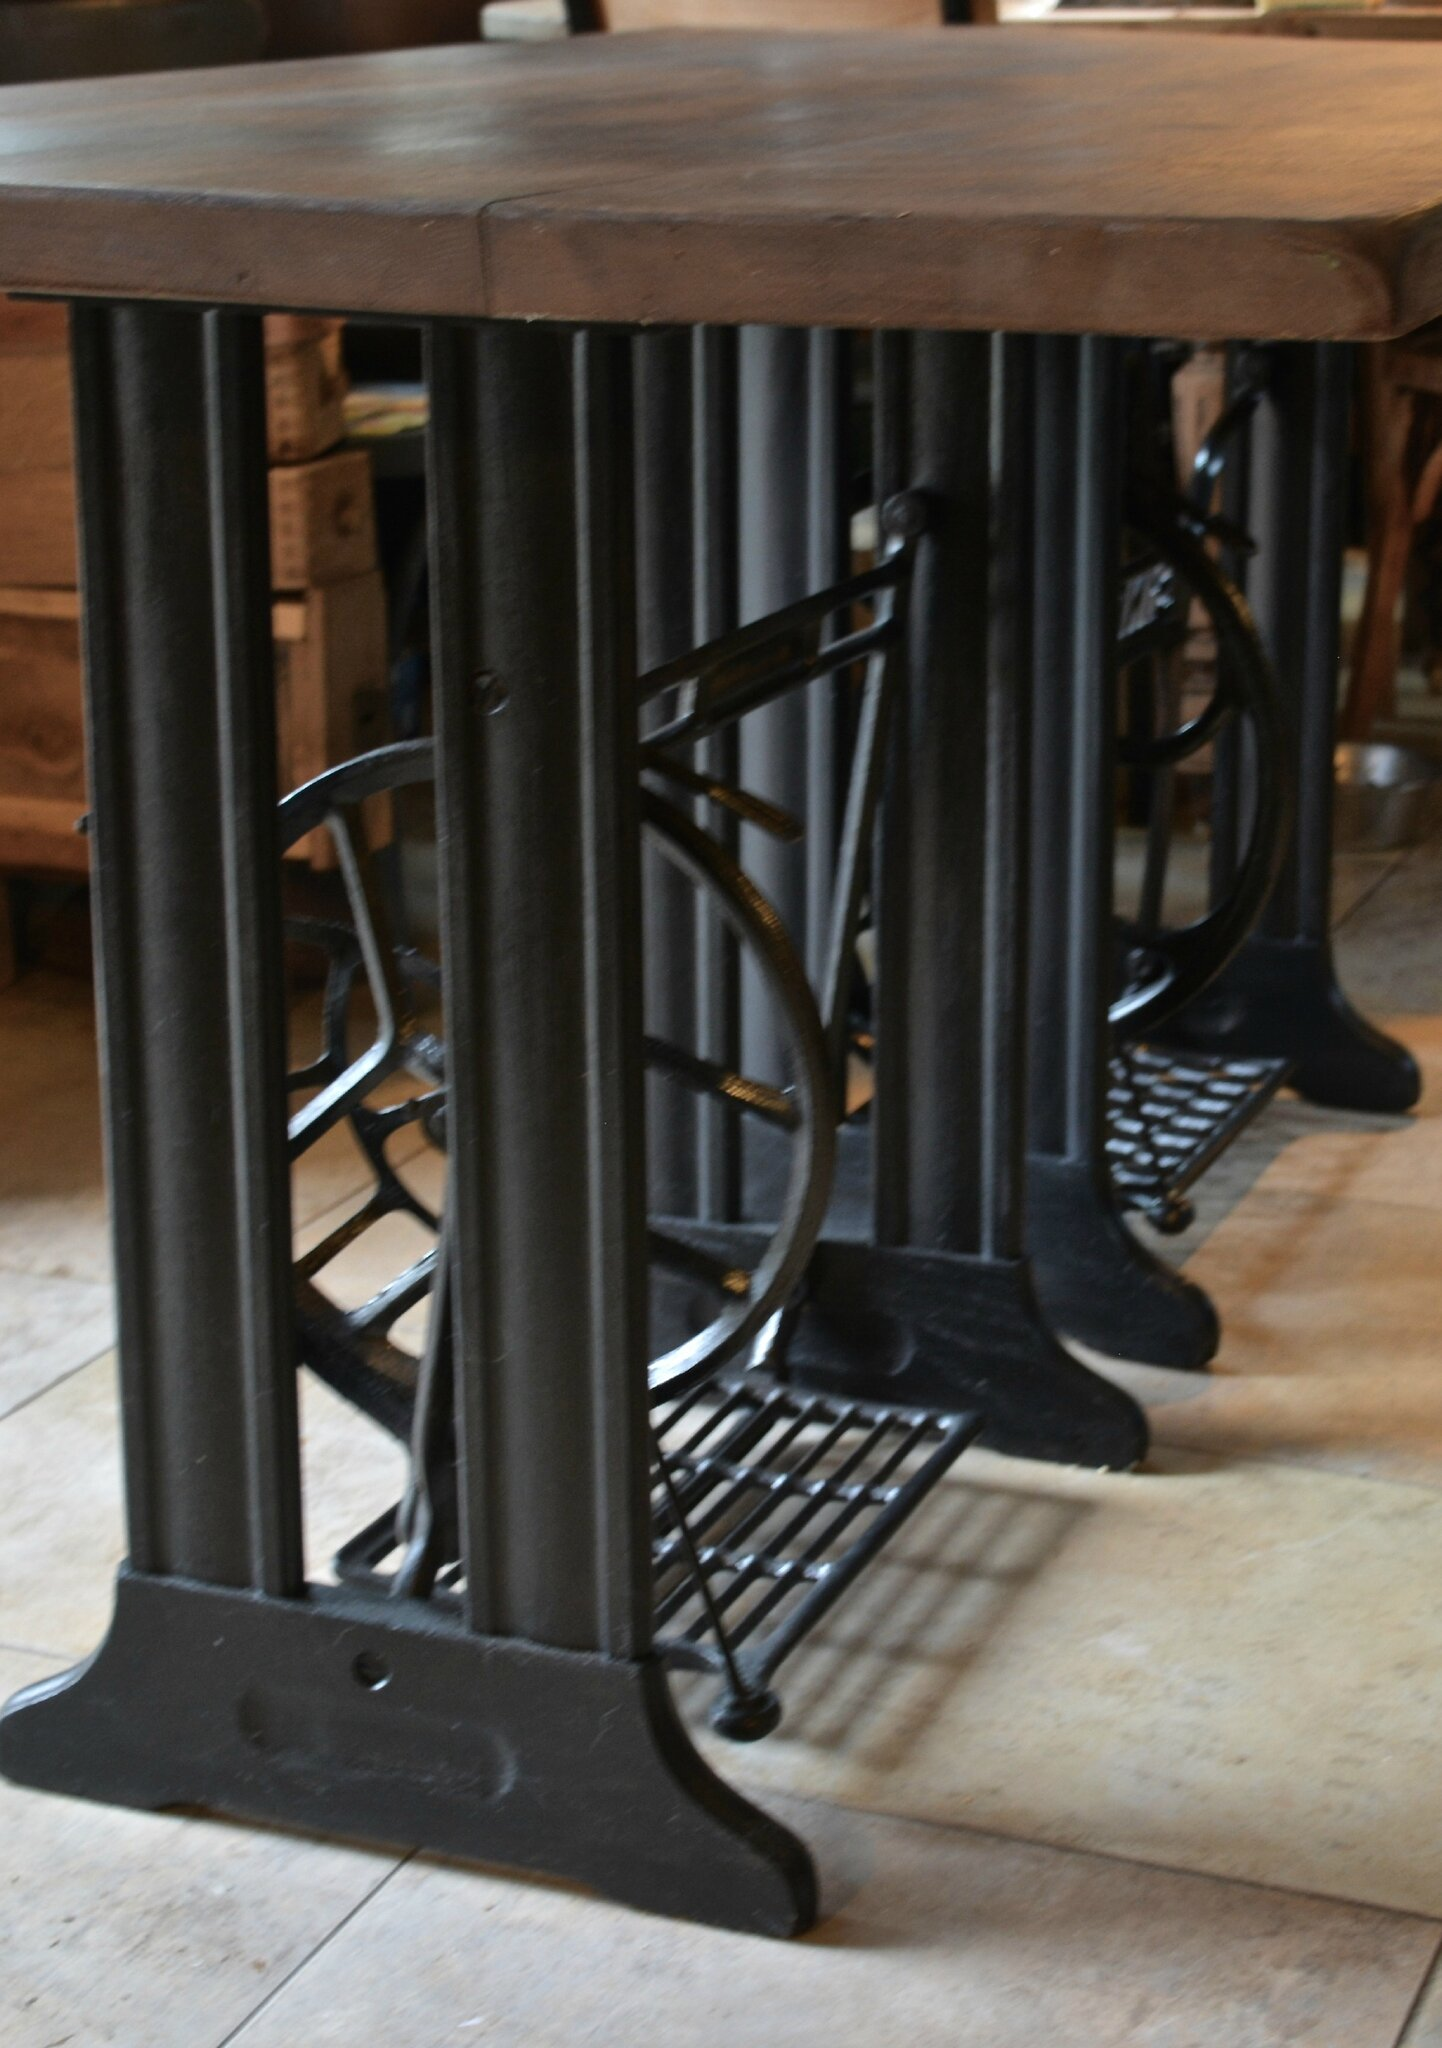 Une Table Desprit Manufacture Ou Industriel Avec Des